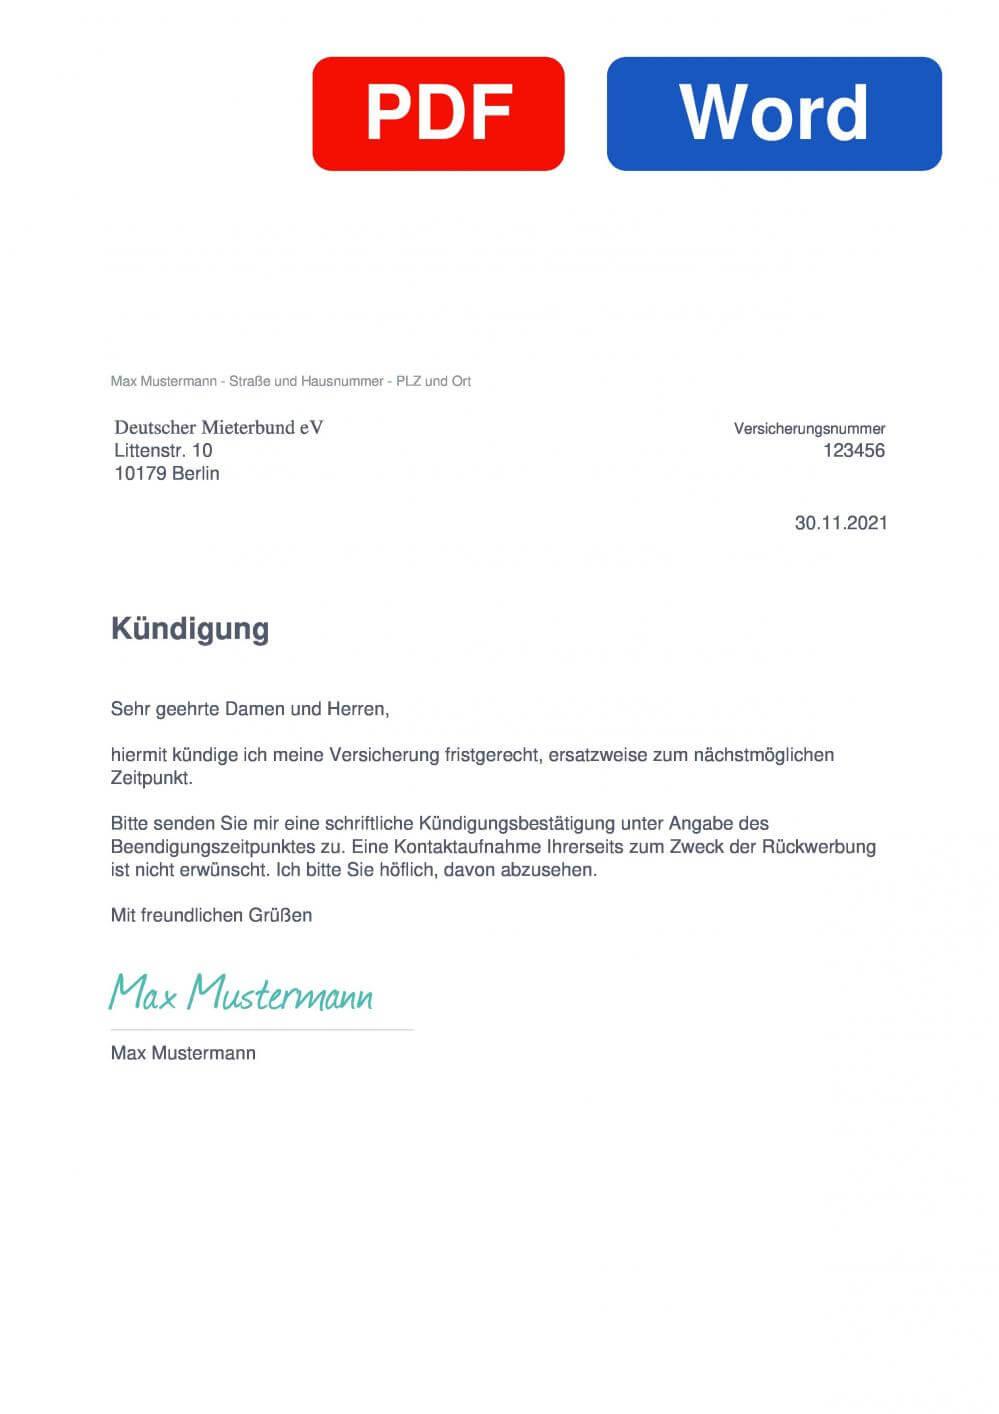 DMB Rechtsschutz Muster Vorlage für Kündigungsschreiben